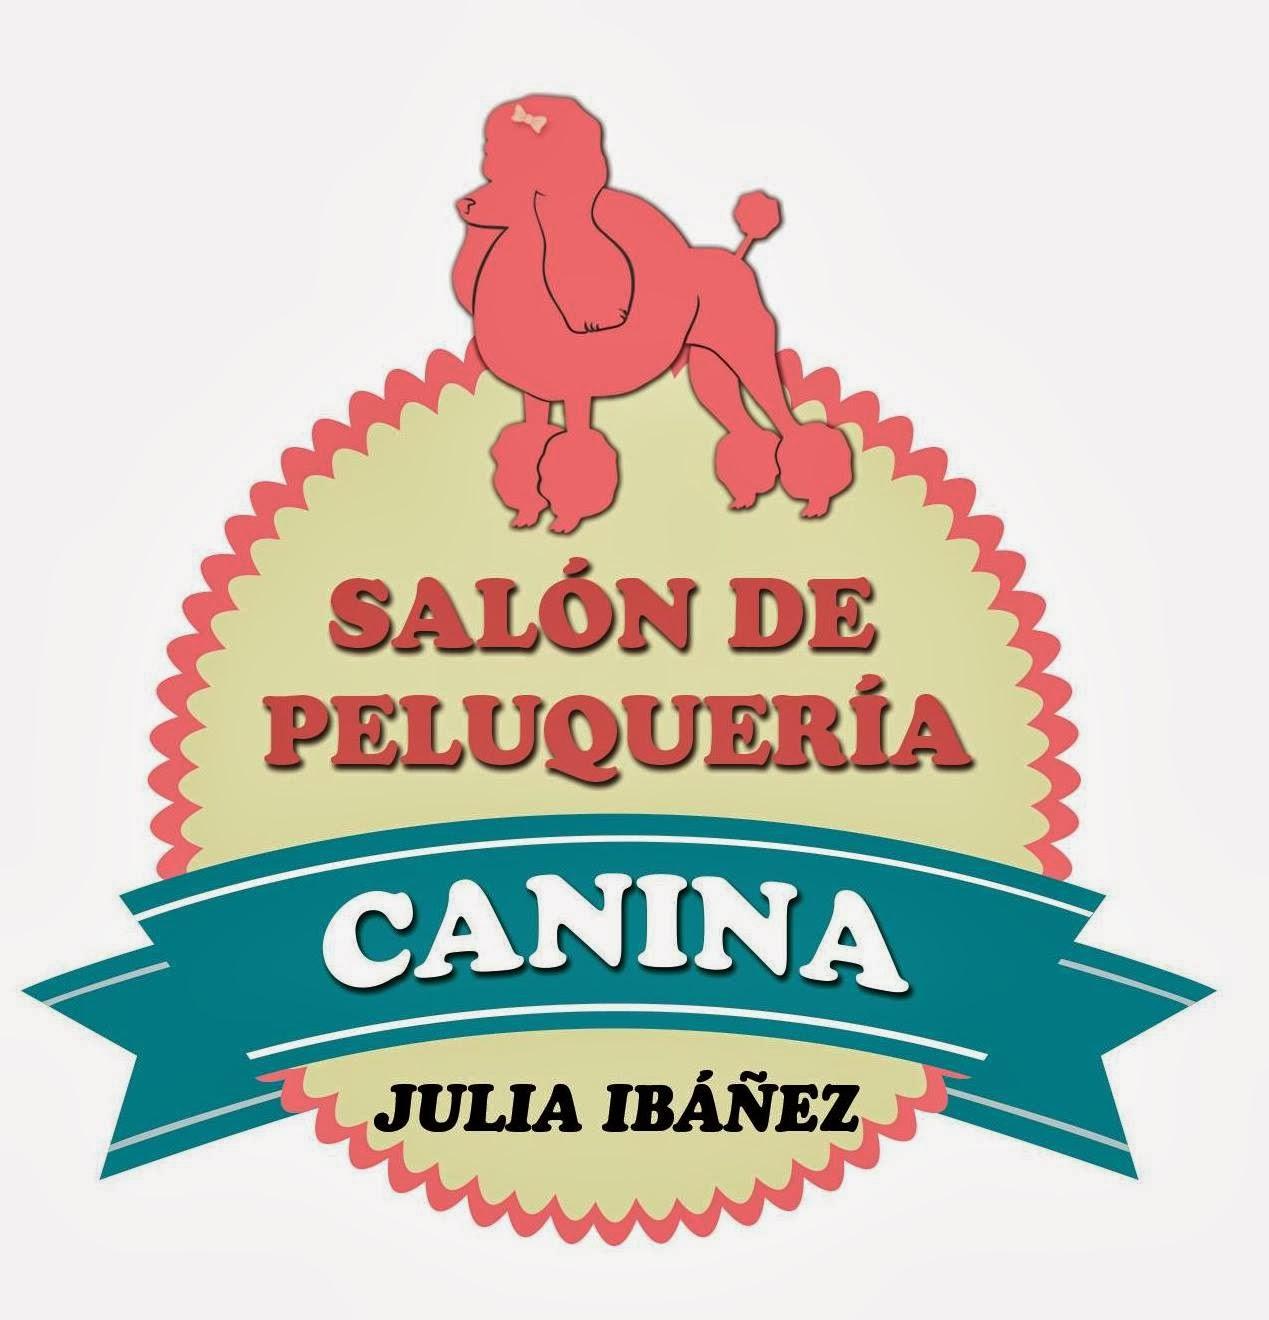 Peluquería Canina Julia Ibáñez